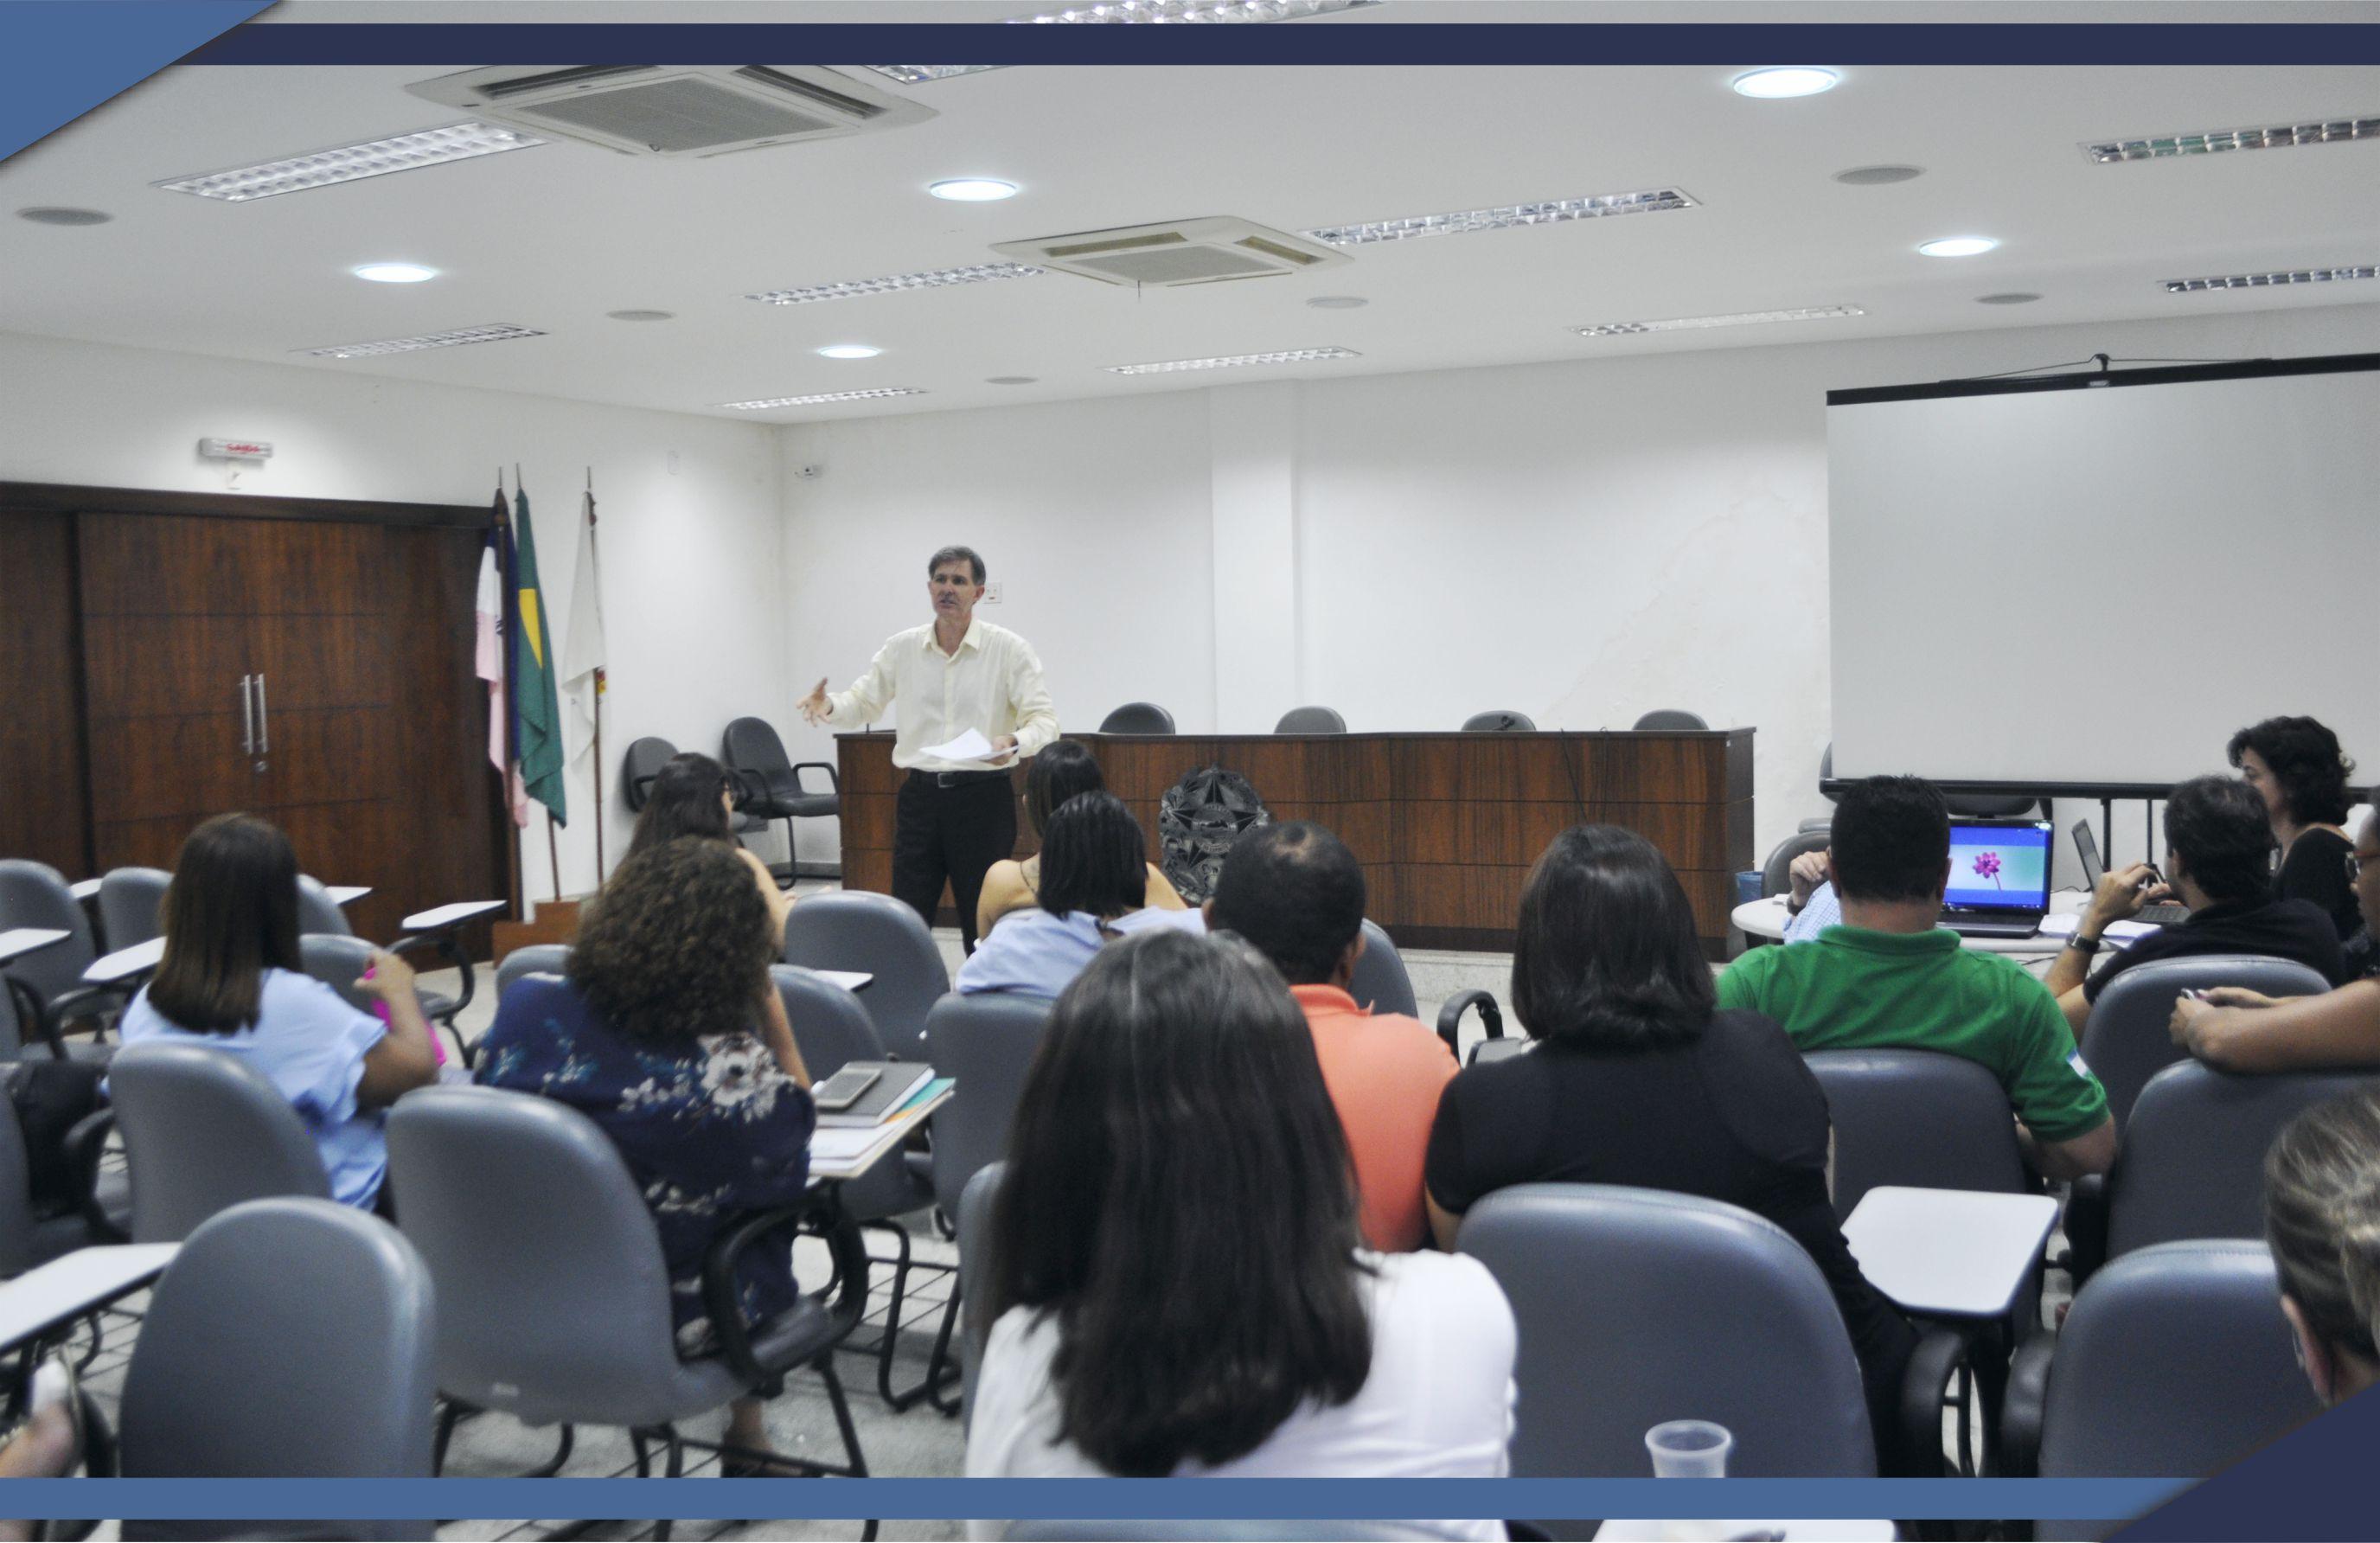 PMSM busca solução para demanda  de serviços de Medicina Legal no Norte do Estado